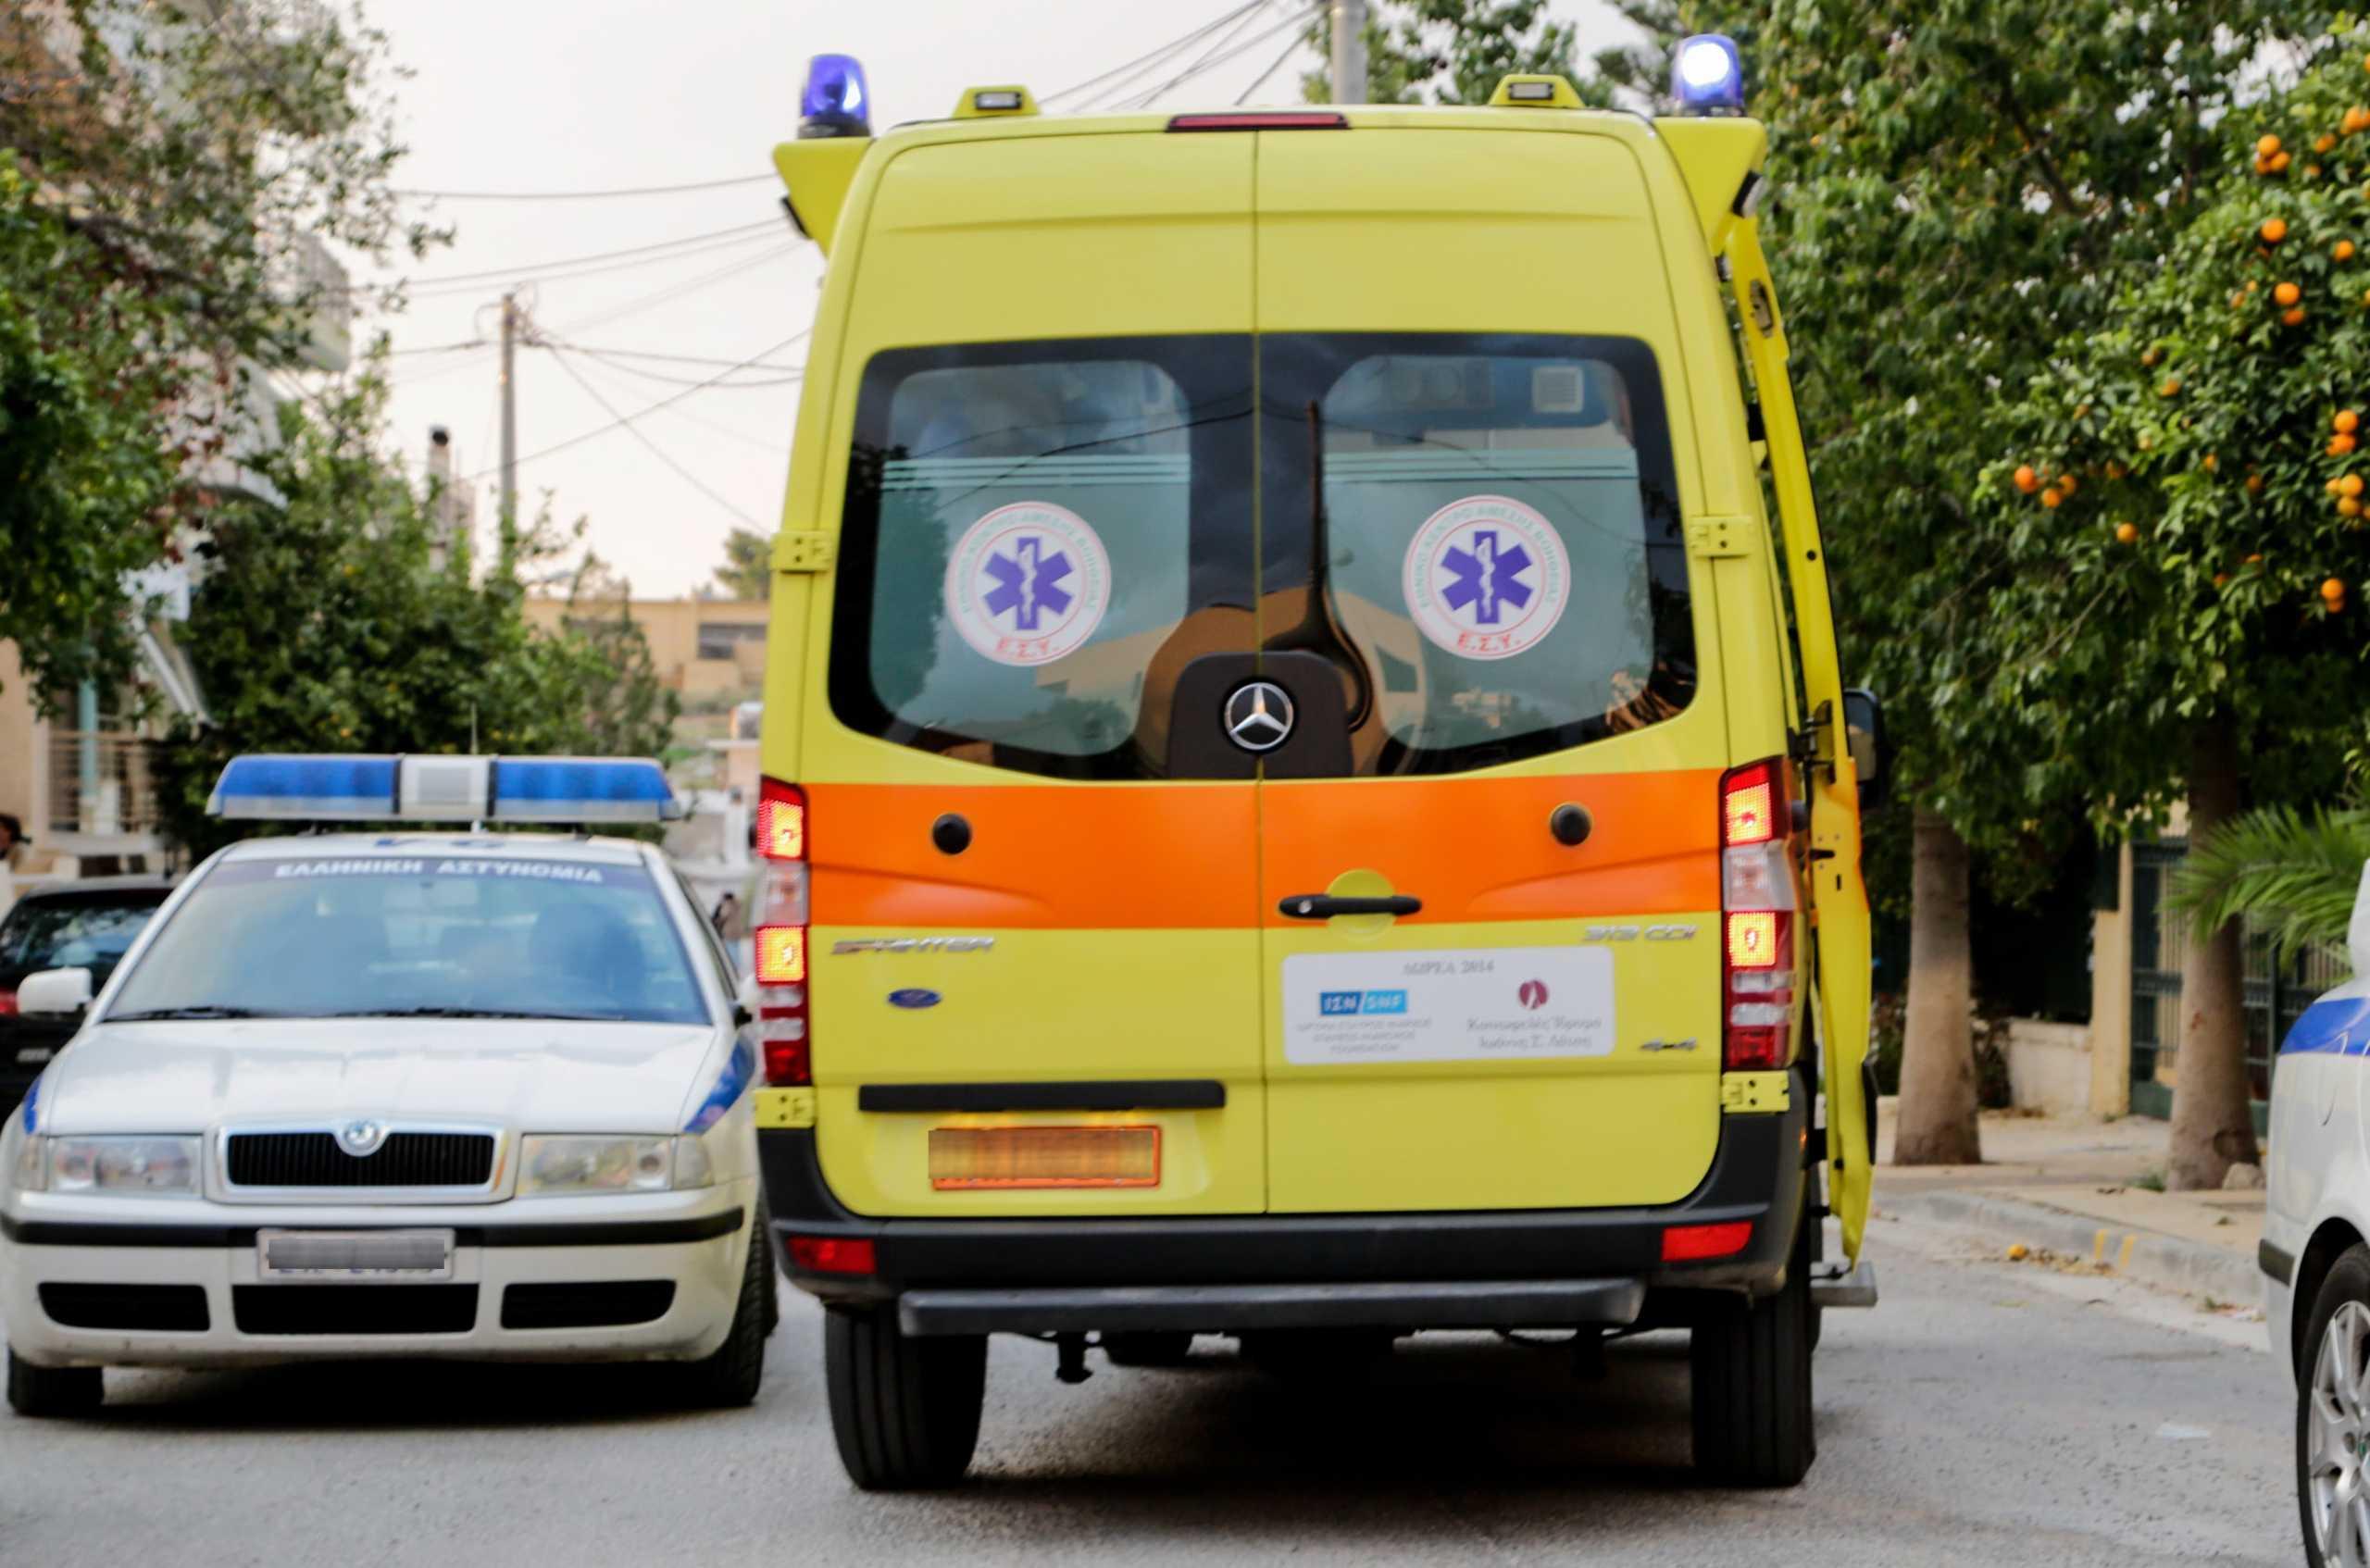 Κρήτη: Δραματικός απεγκλωβισμός οδηγού που έπεσε με το φορτηγάκι του από γέφυρα έξι μέτρων!